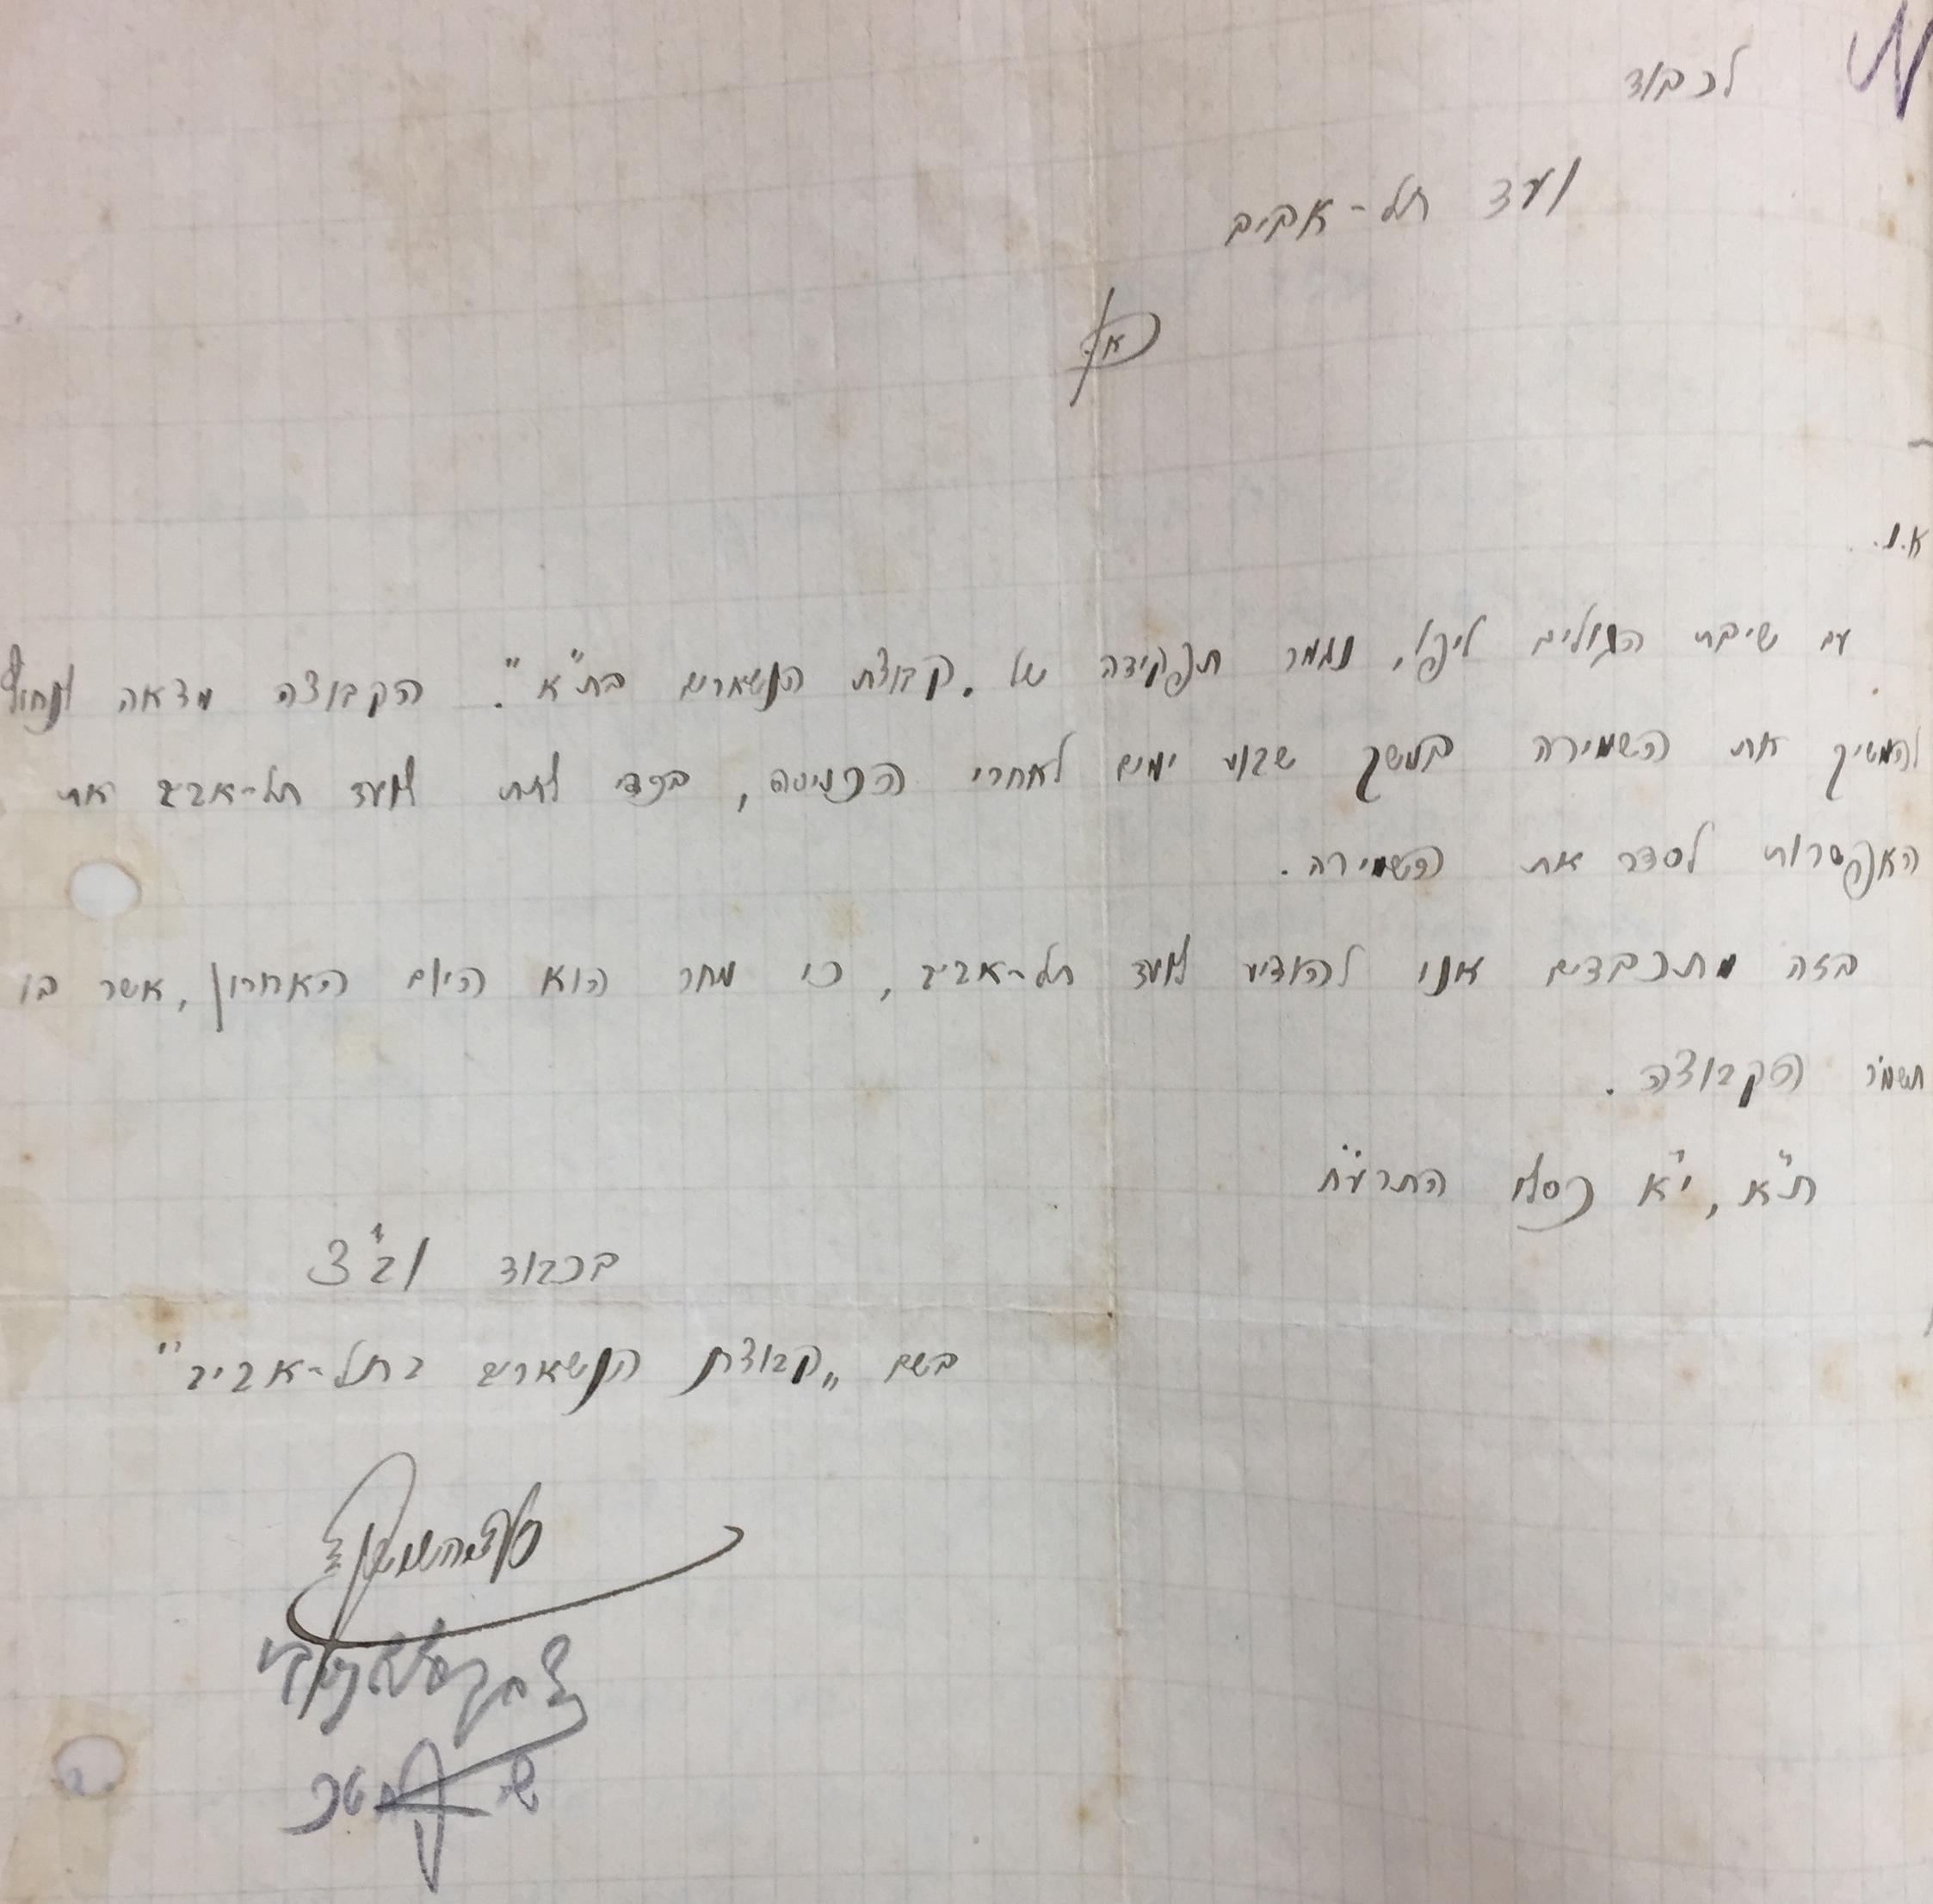 קבוצת הנשארים מודיעה לוועד תל אביב על סיום תפקידה, 26 בנובמבר 1917